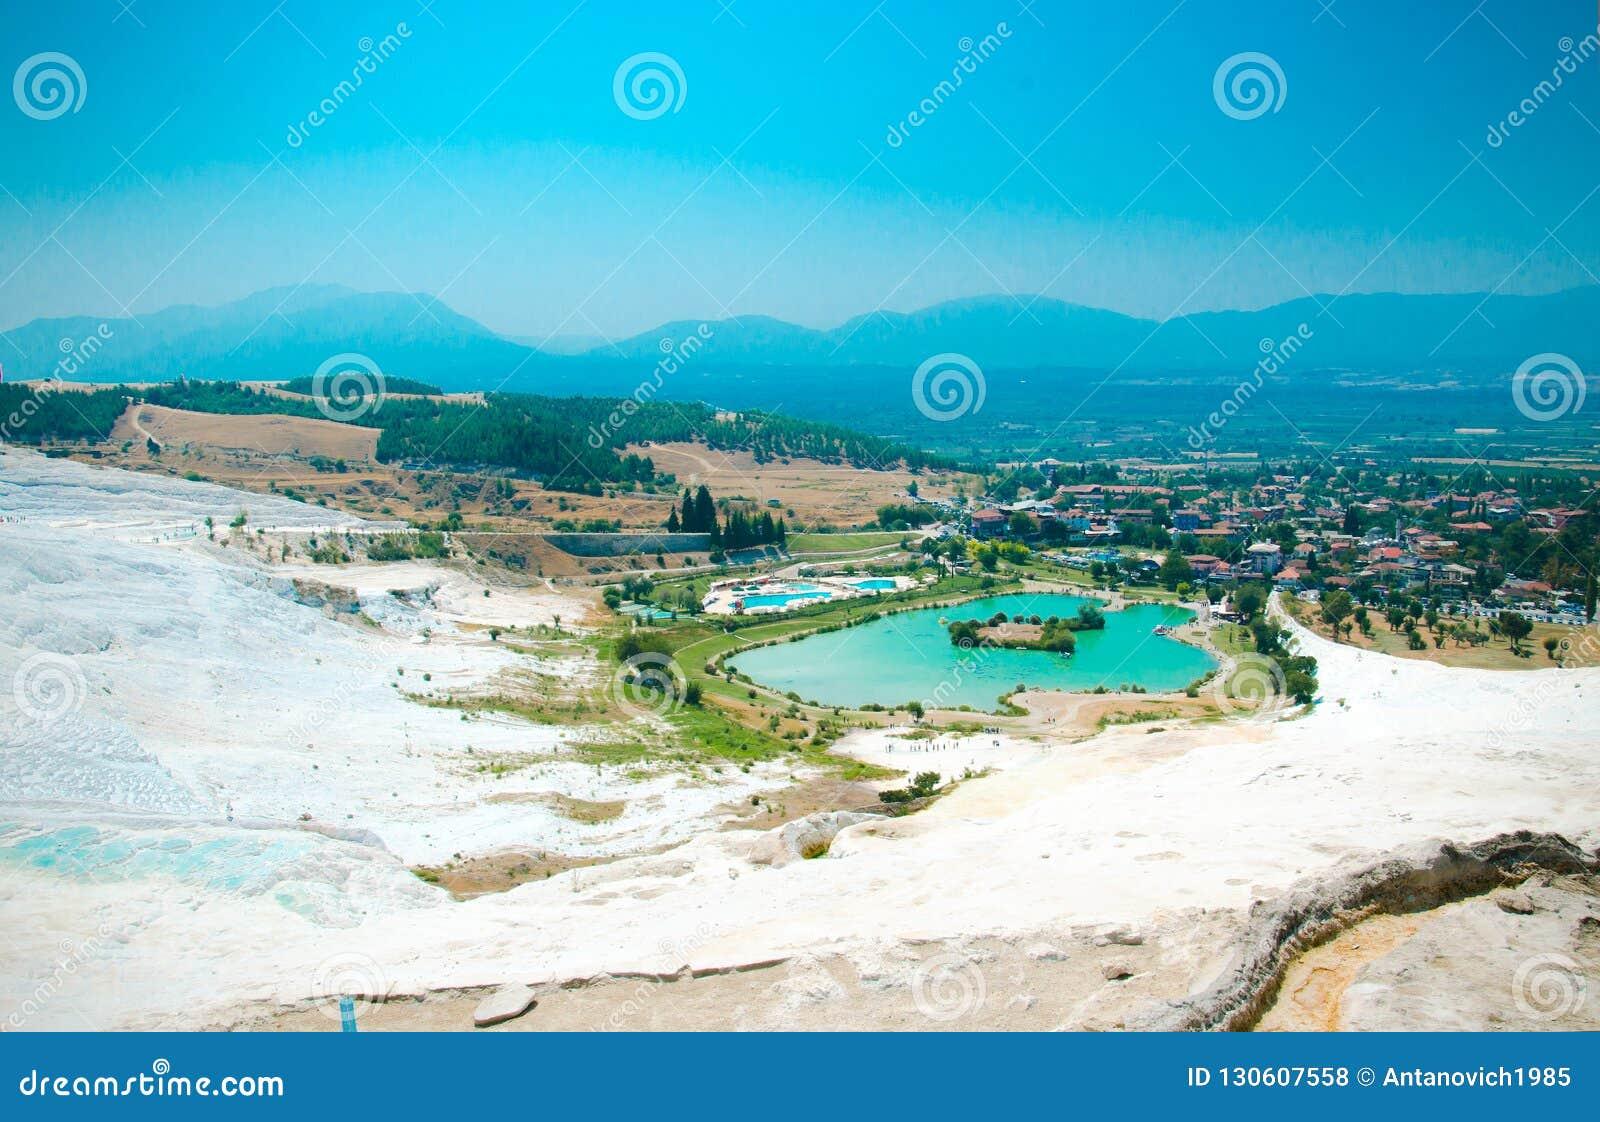 Piscines de travertin et terrasses blanches, lac de turquoise, Pamukkale,